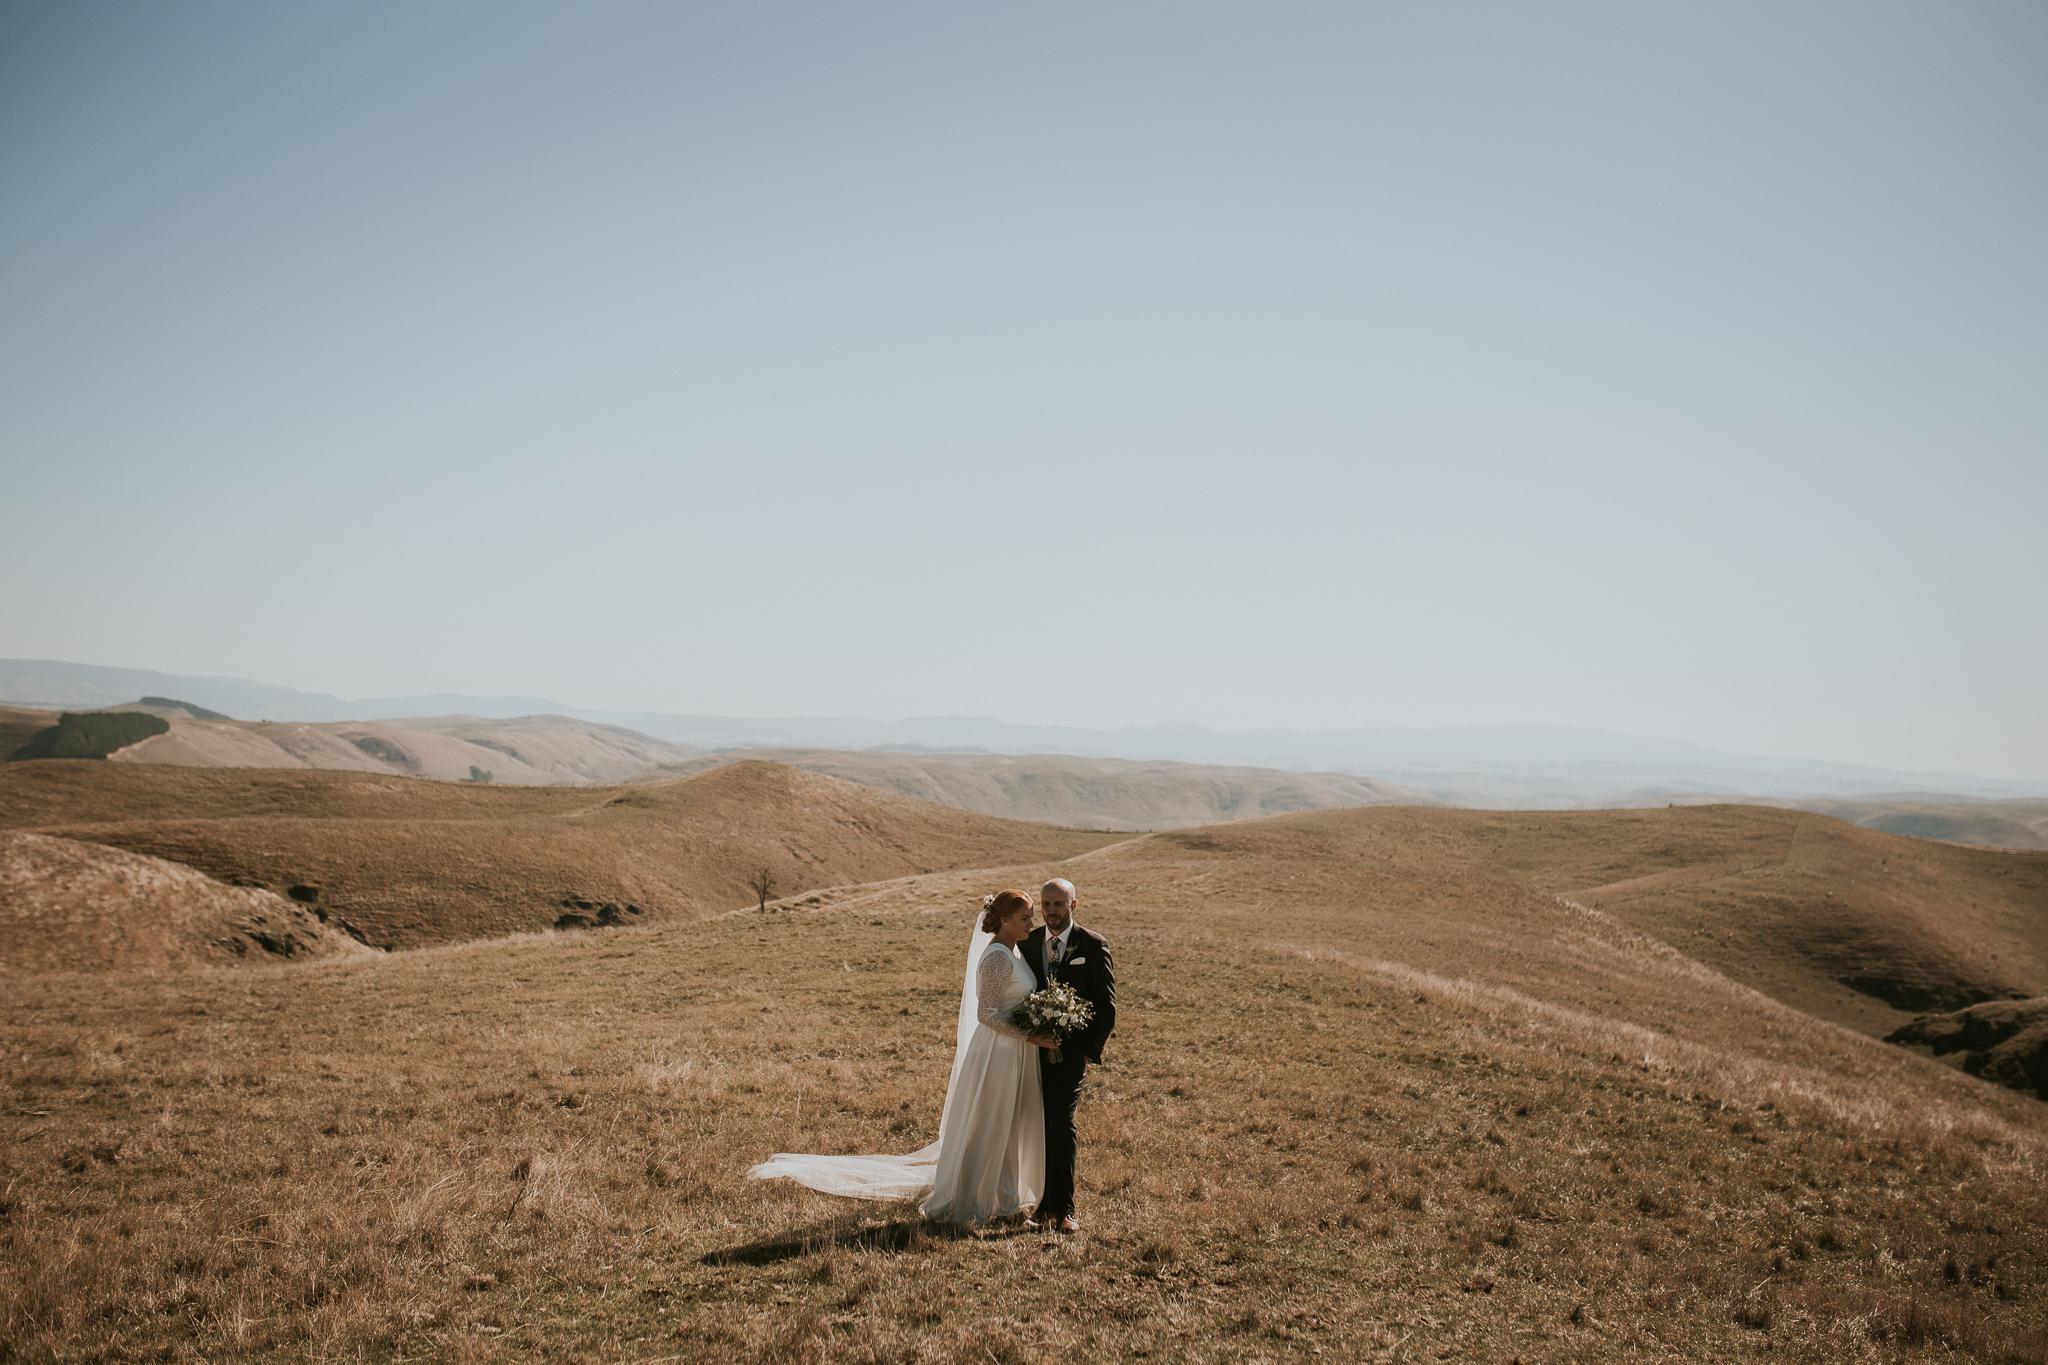 wedding photographer hawkes bay , Lisa Fisher Photography, Selini Winery Wedding -46.jpg